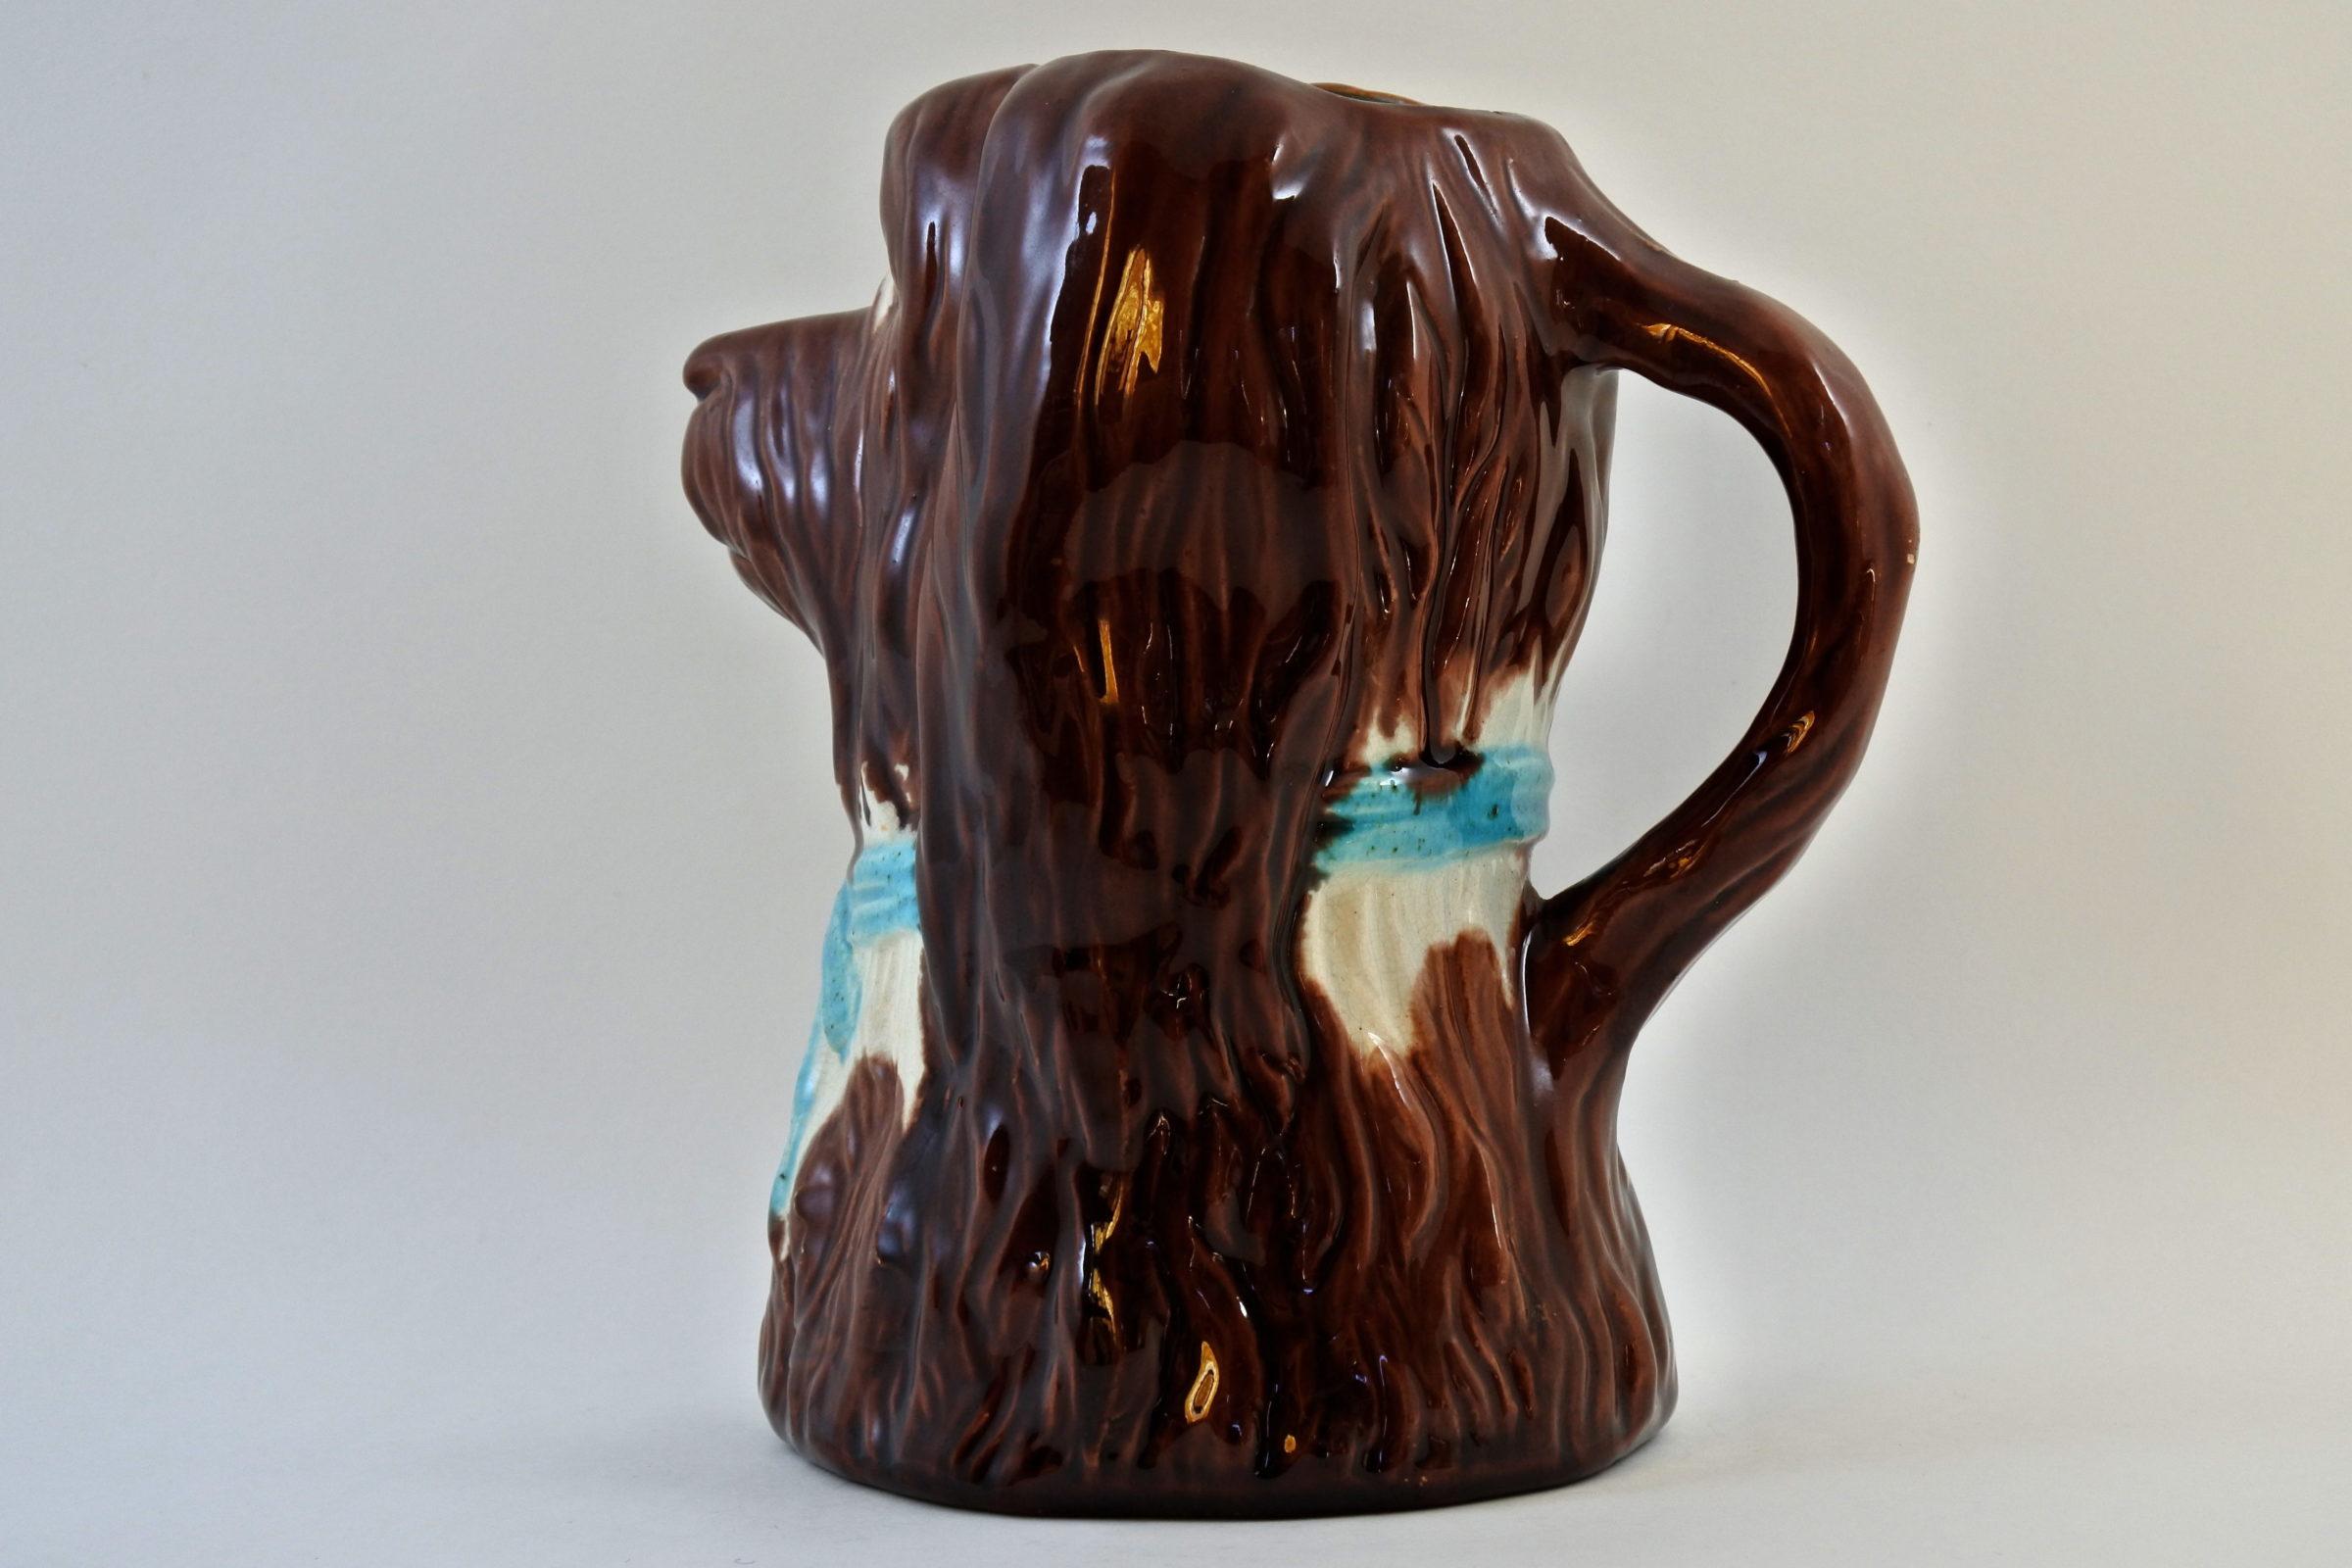 Brocca in ceramica barbotine a forma di cane con fiocco azzurro - 2